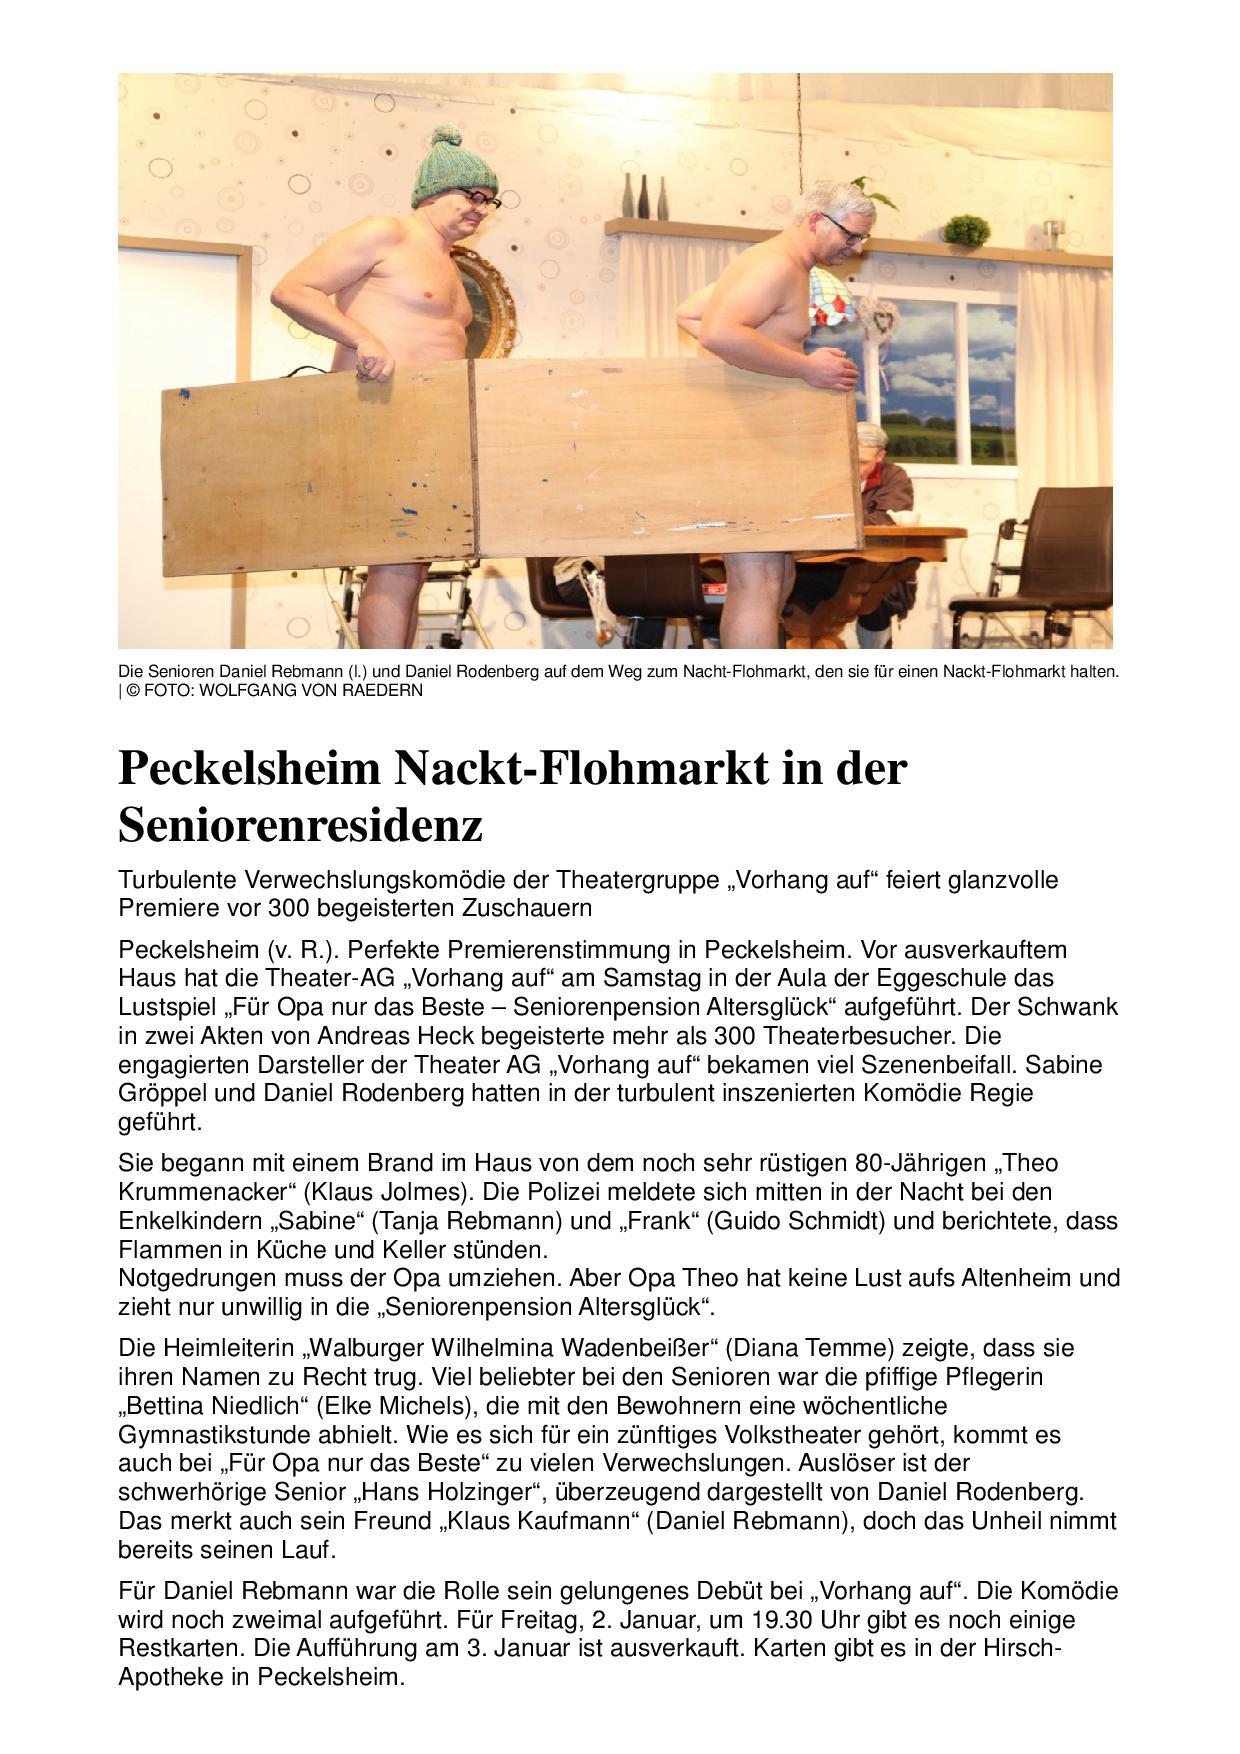 Pressebericht aus der Neuen Westfälischen zu Für Opa nur das Beste in Peckelsheim